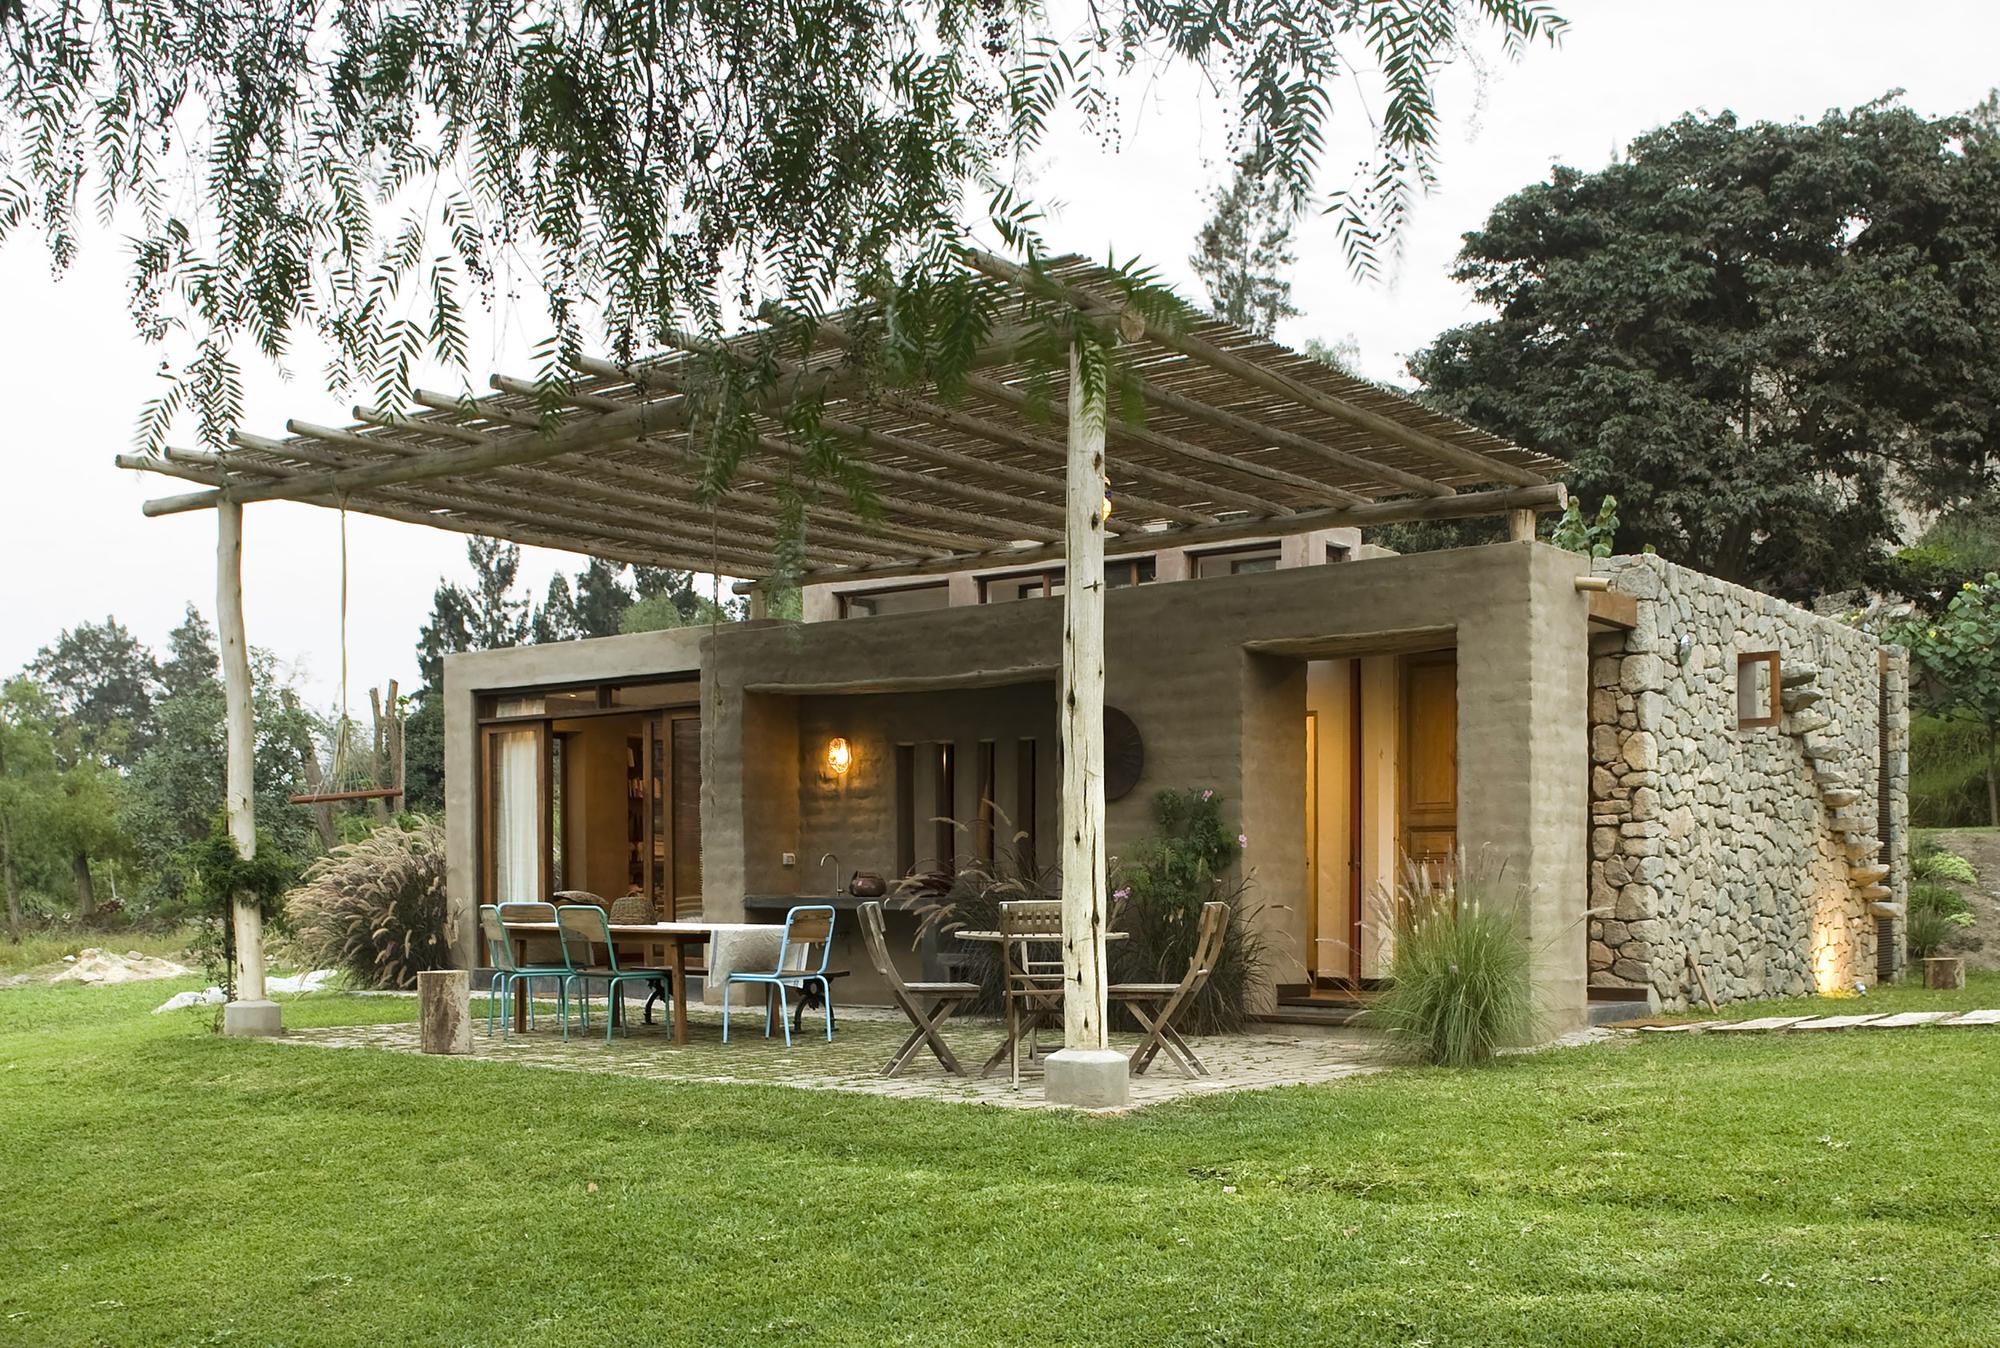 Galer a de casa chontay marina vella arquitectos 17 for Construcciones minimalistas